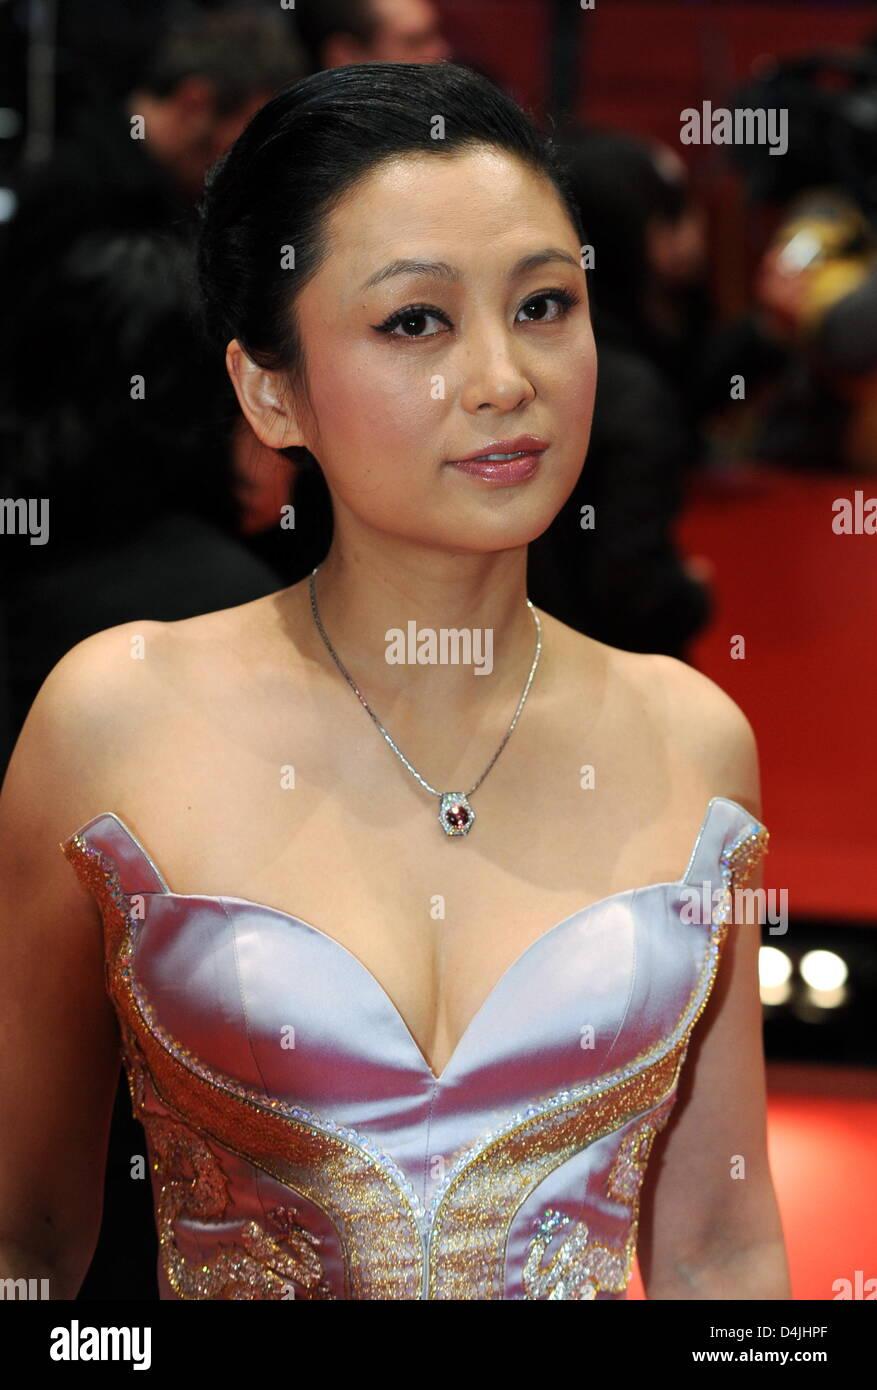 Chen Hong nude photos 2019